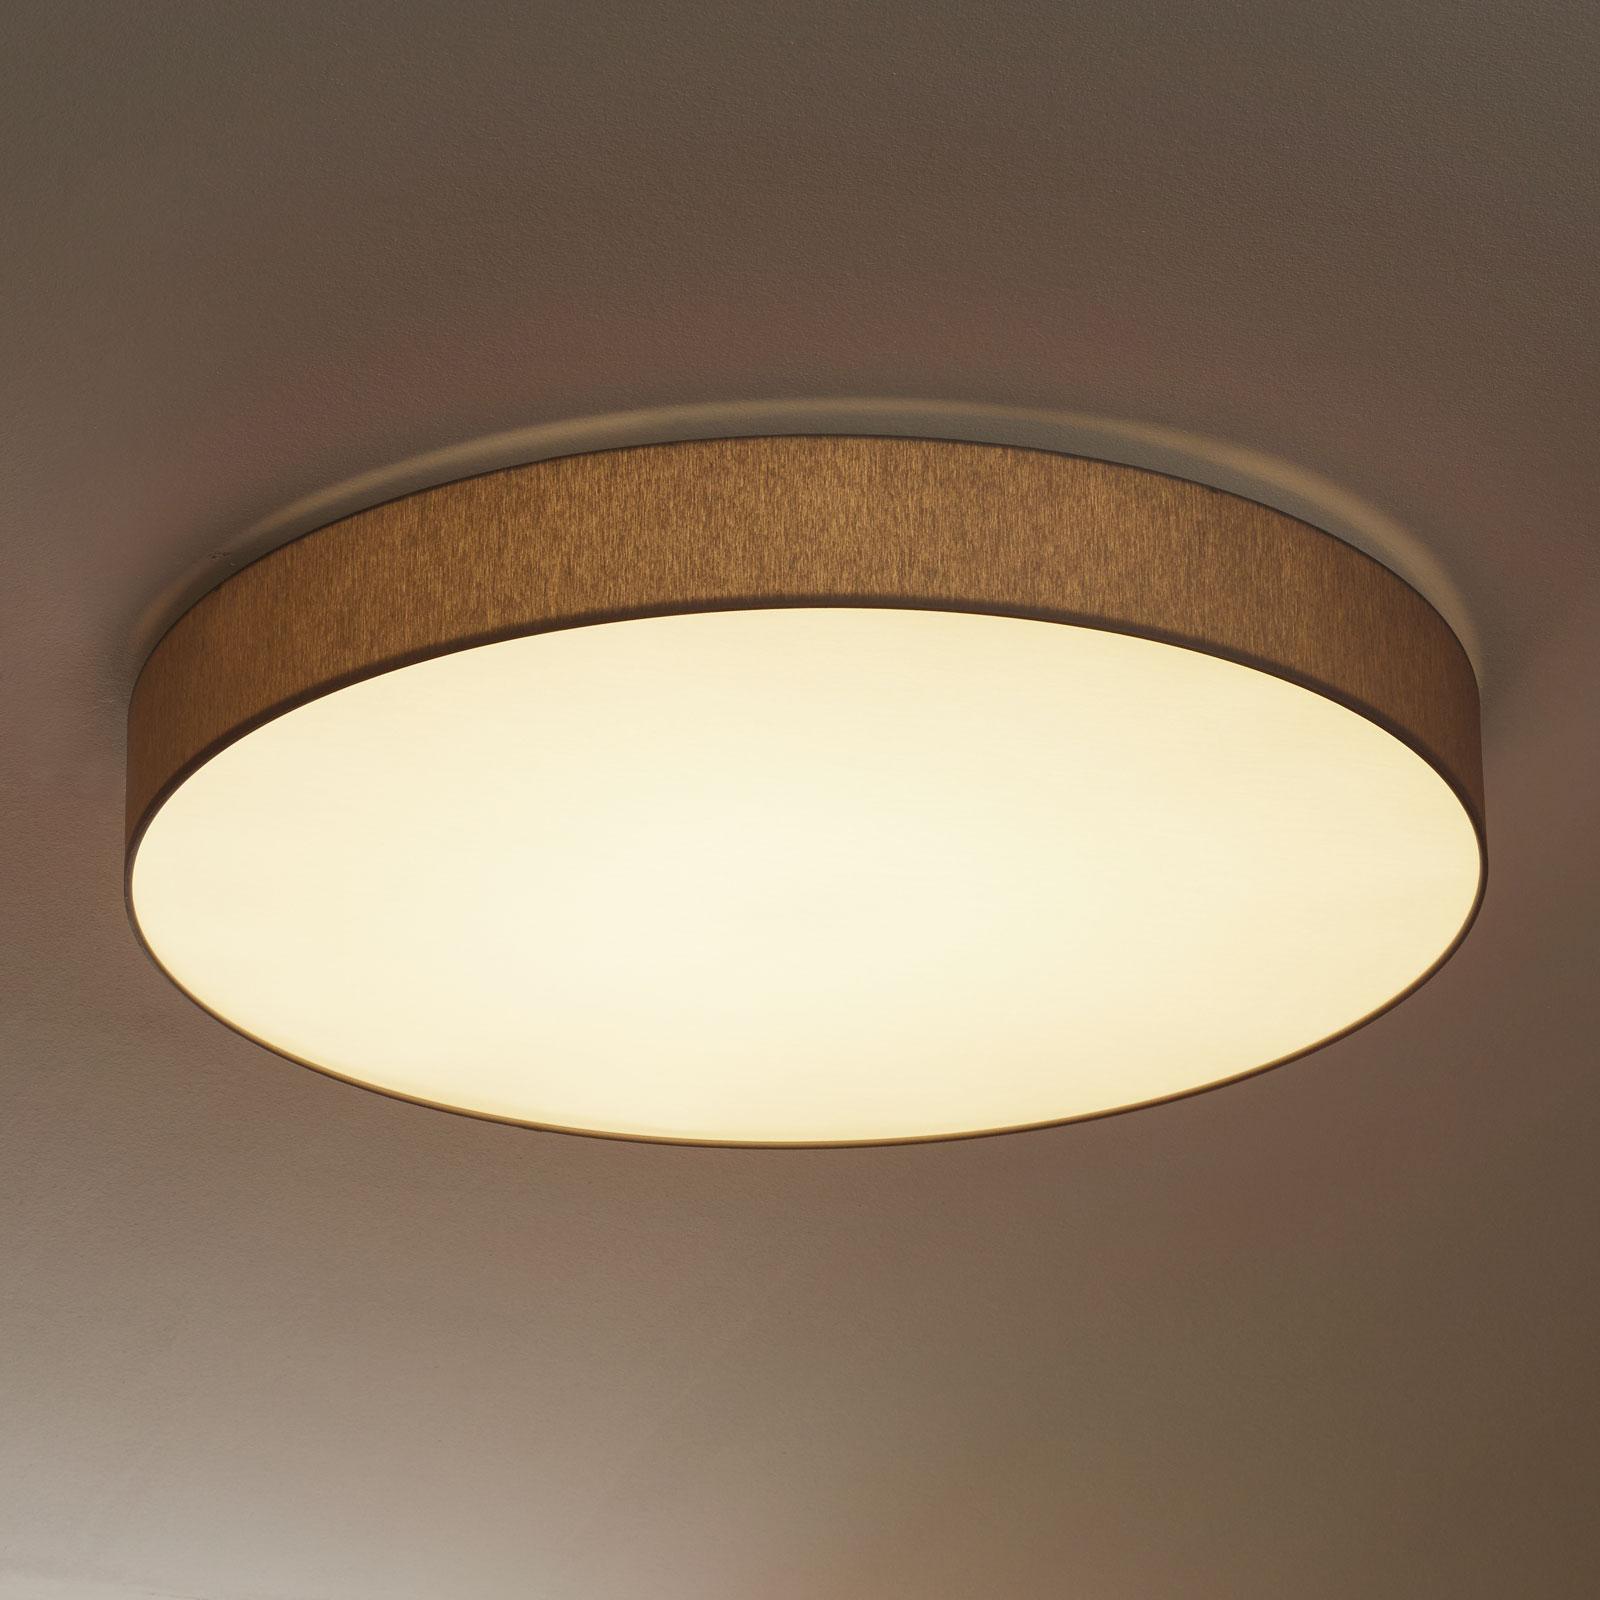 Plafonnier LED Luno rond variation d'intensité